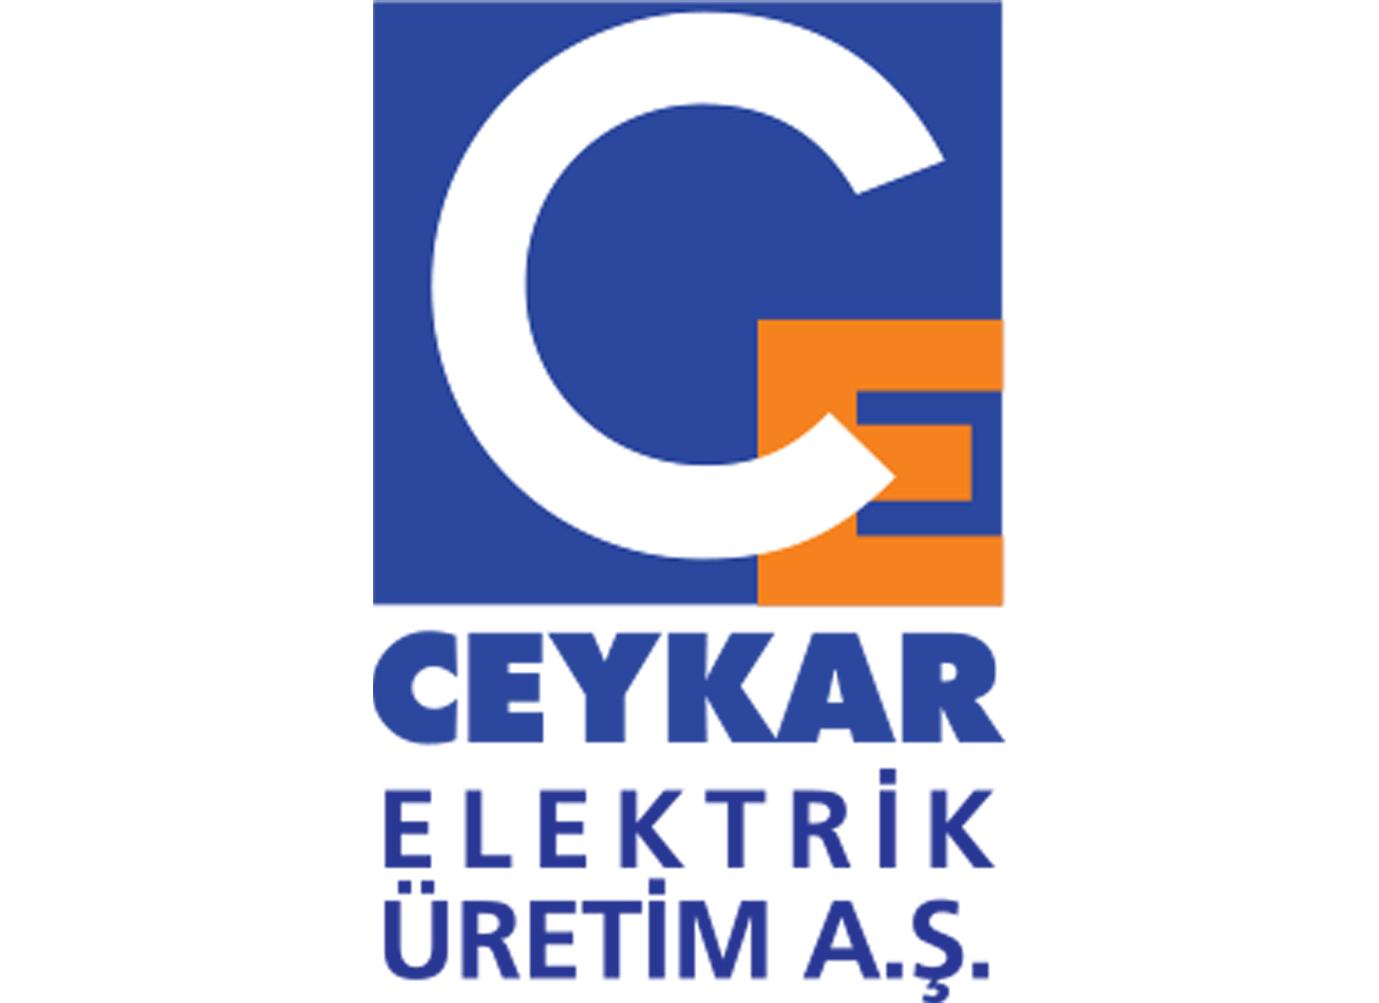 Ceykar Elektrik Üretim